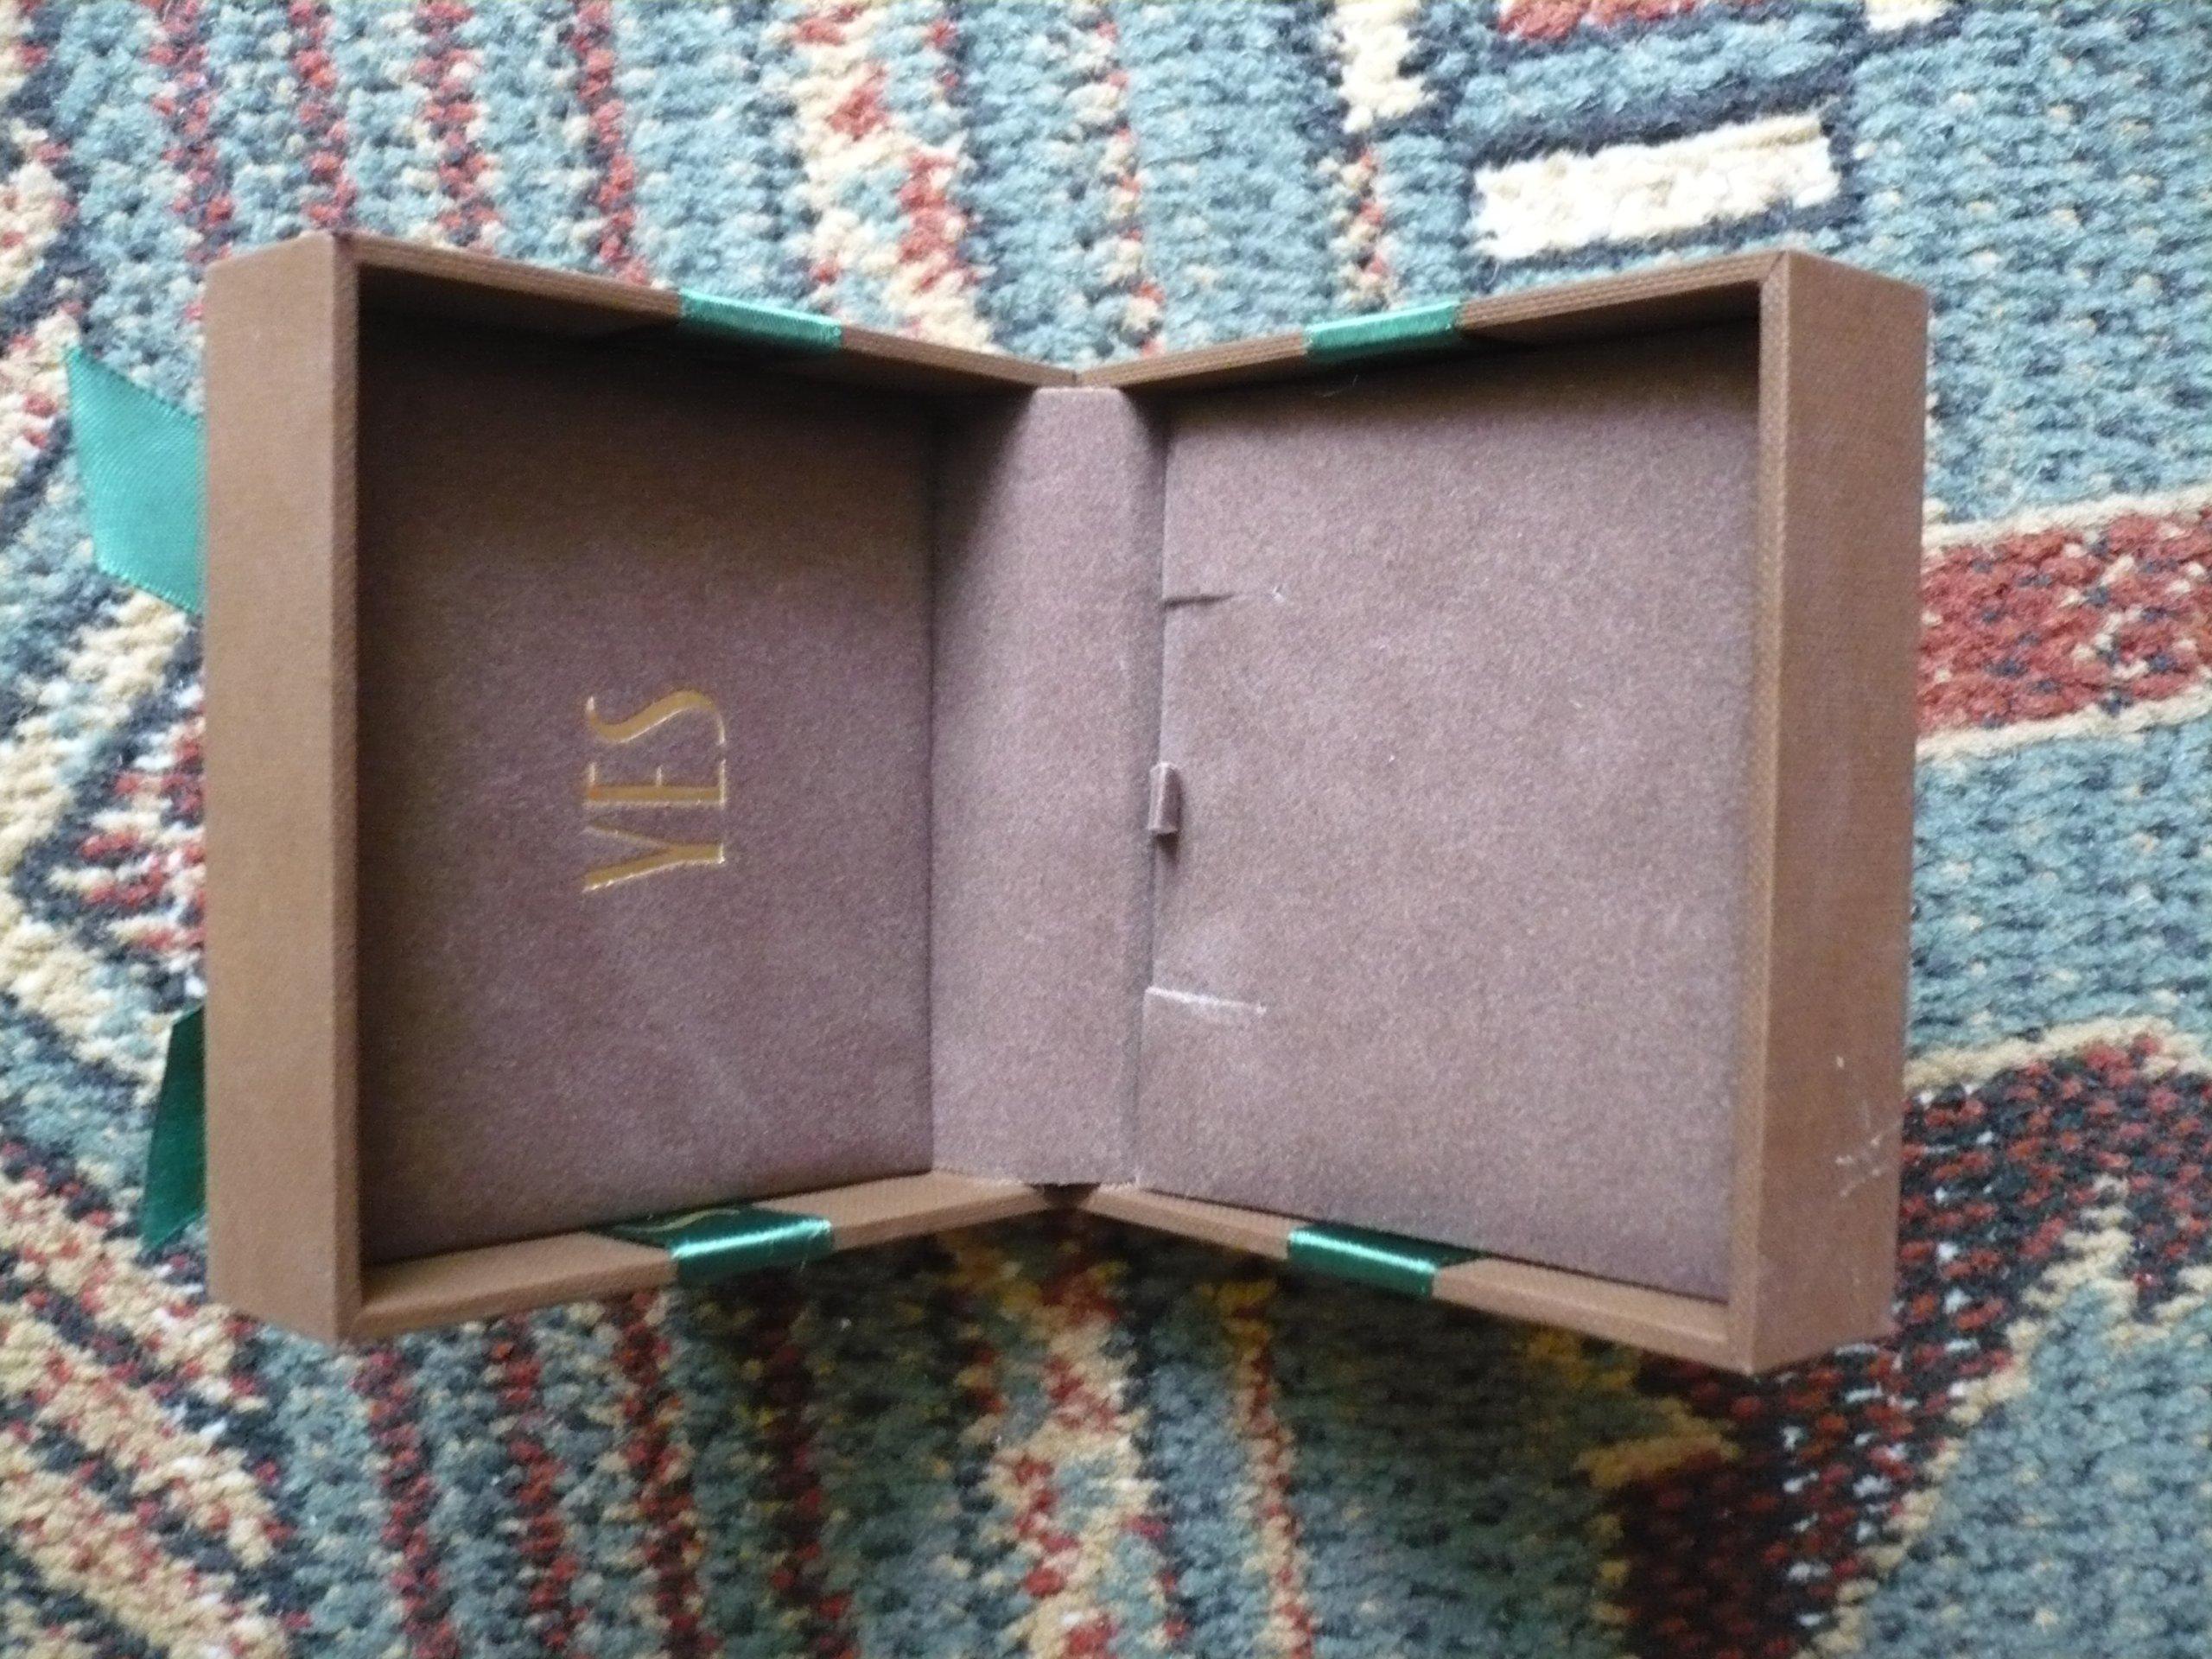 ae579d6165aae4 Pudełko YES Duże na bransoletkę - 7331987274 - oficjalne archiwum ...